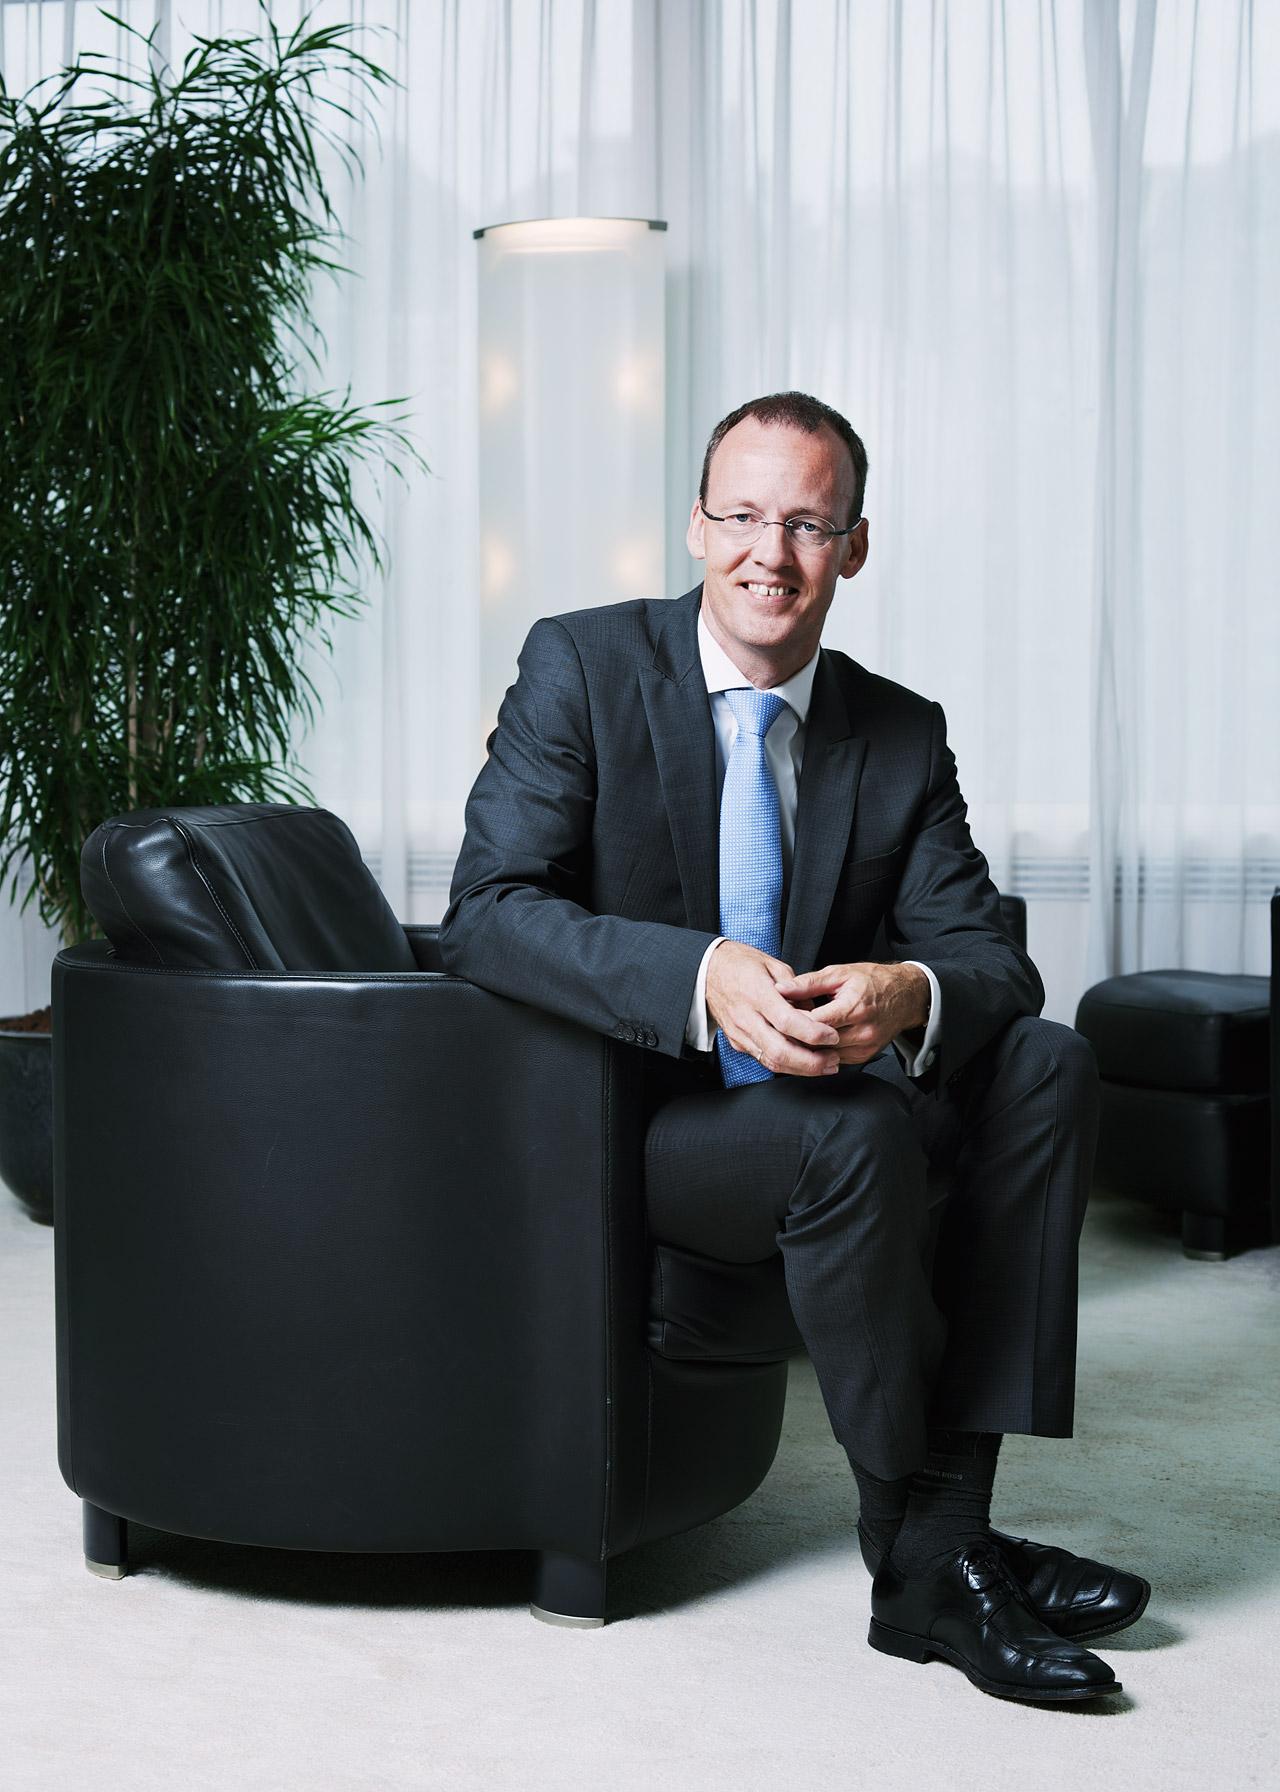 Klaas Knot, President of De Nederlandsche Bank (DNB), Amsterdam